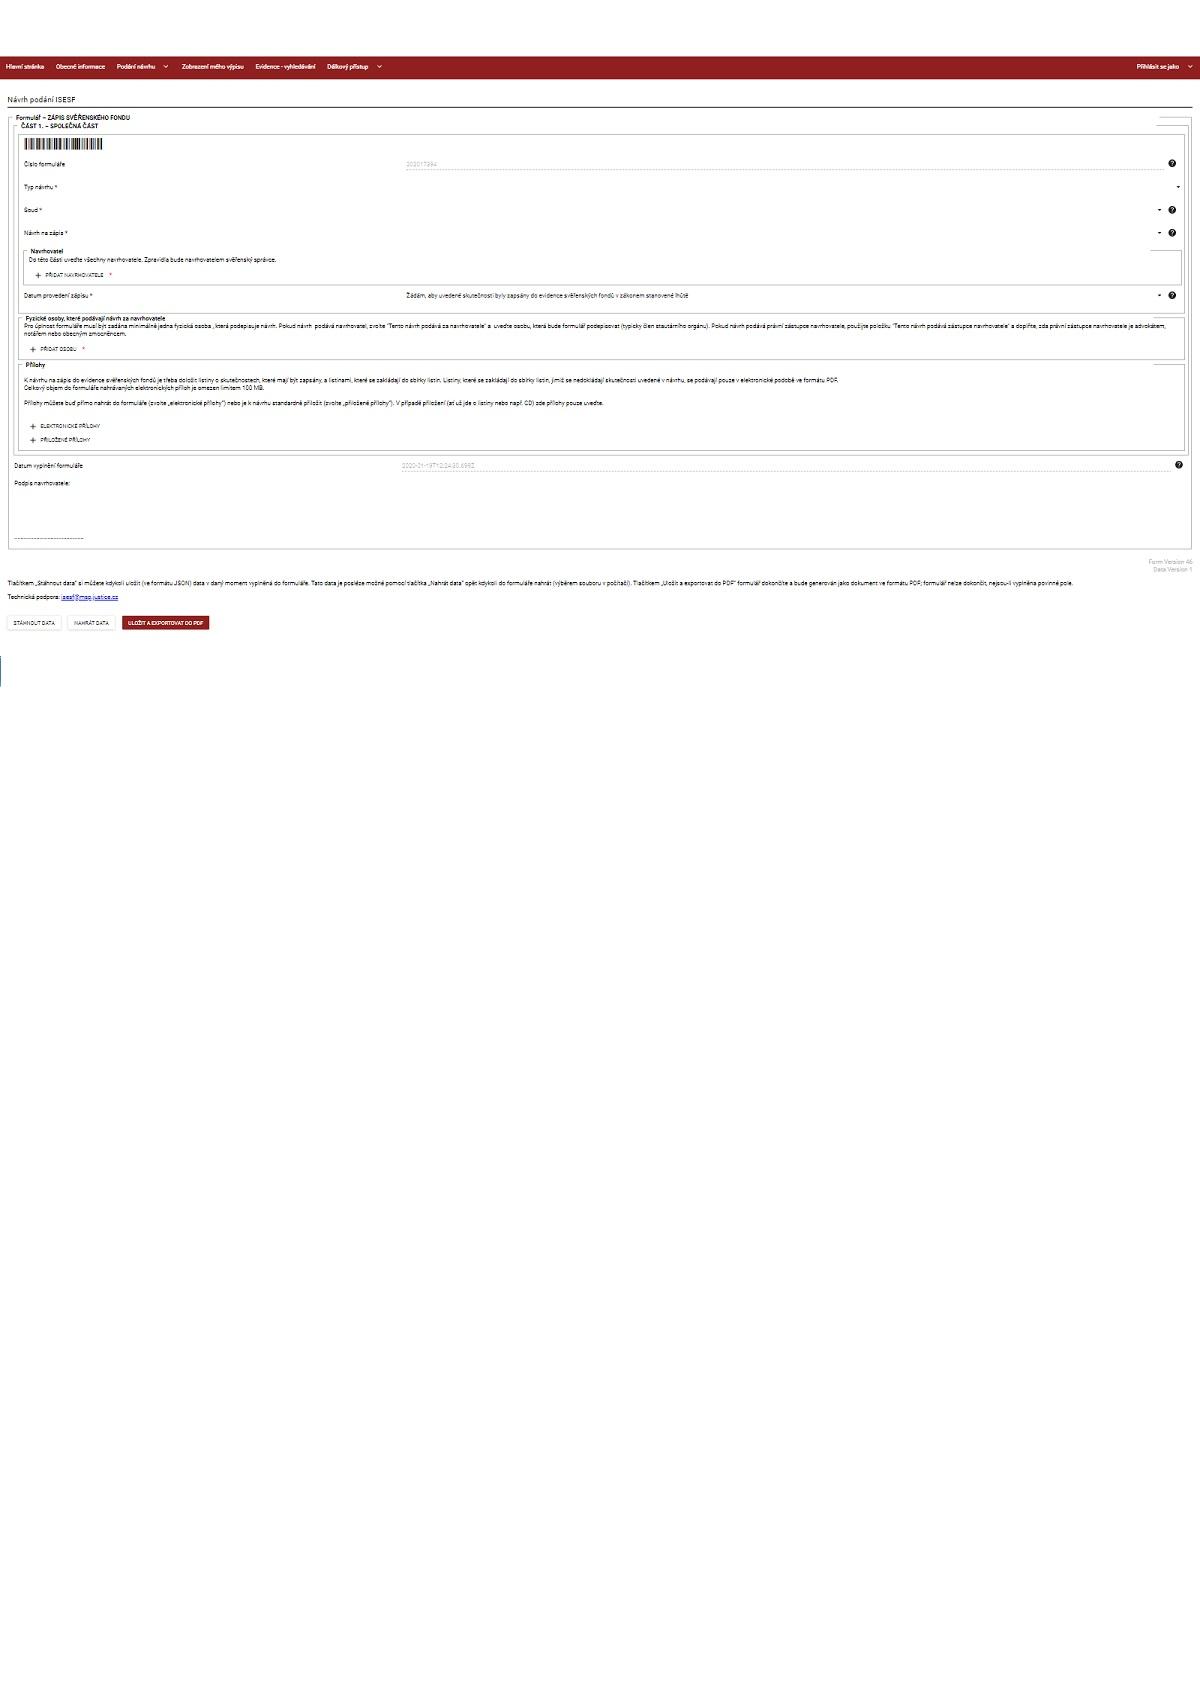 Formulář pro zápis svěřenského fondu do Evidence svěřenských fondů – Ministerstvo spravedlnosti (MS)